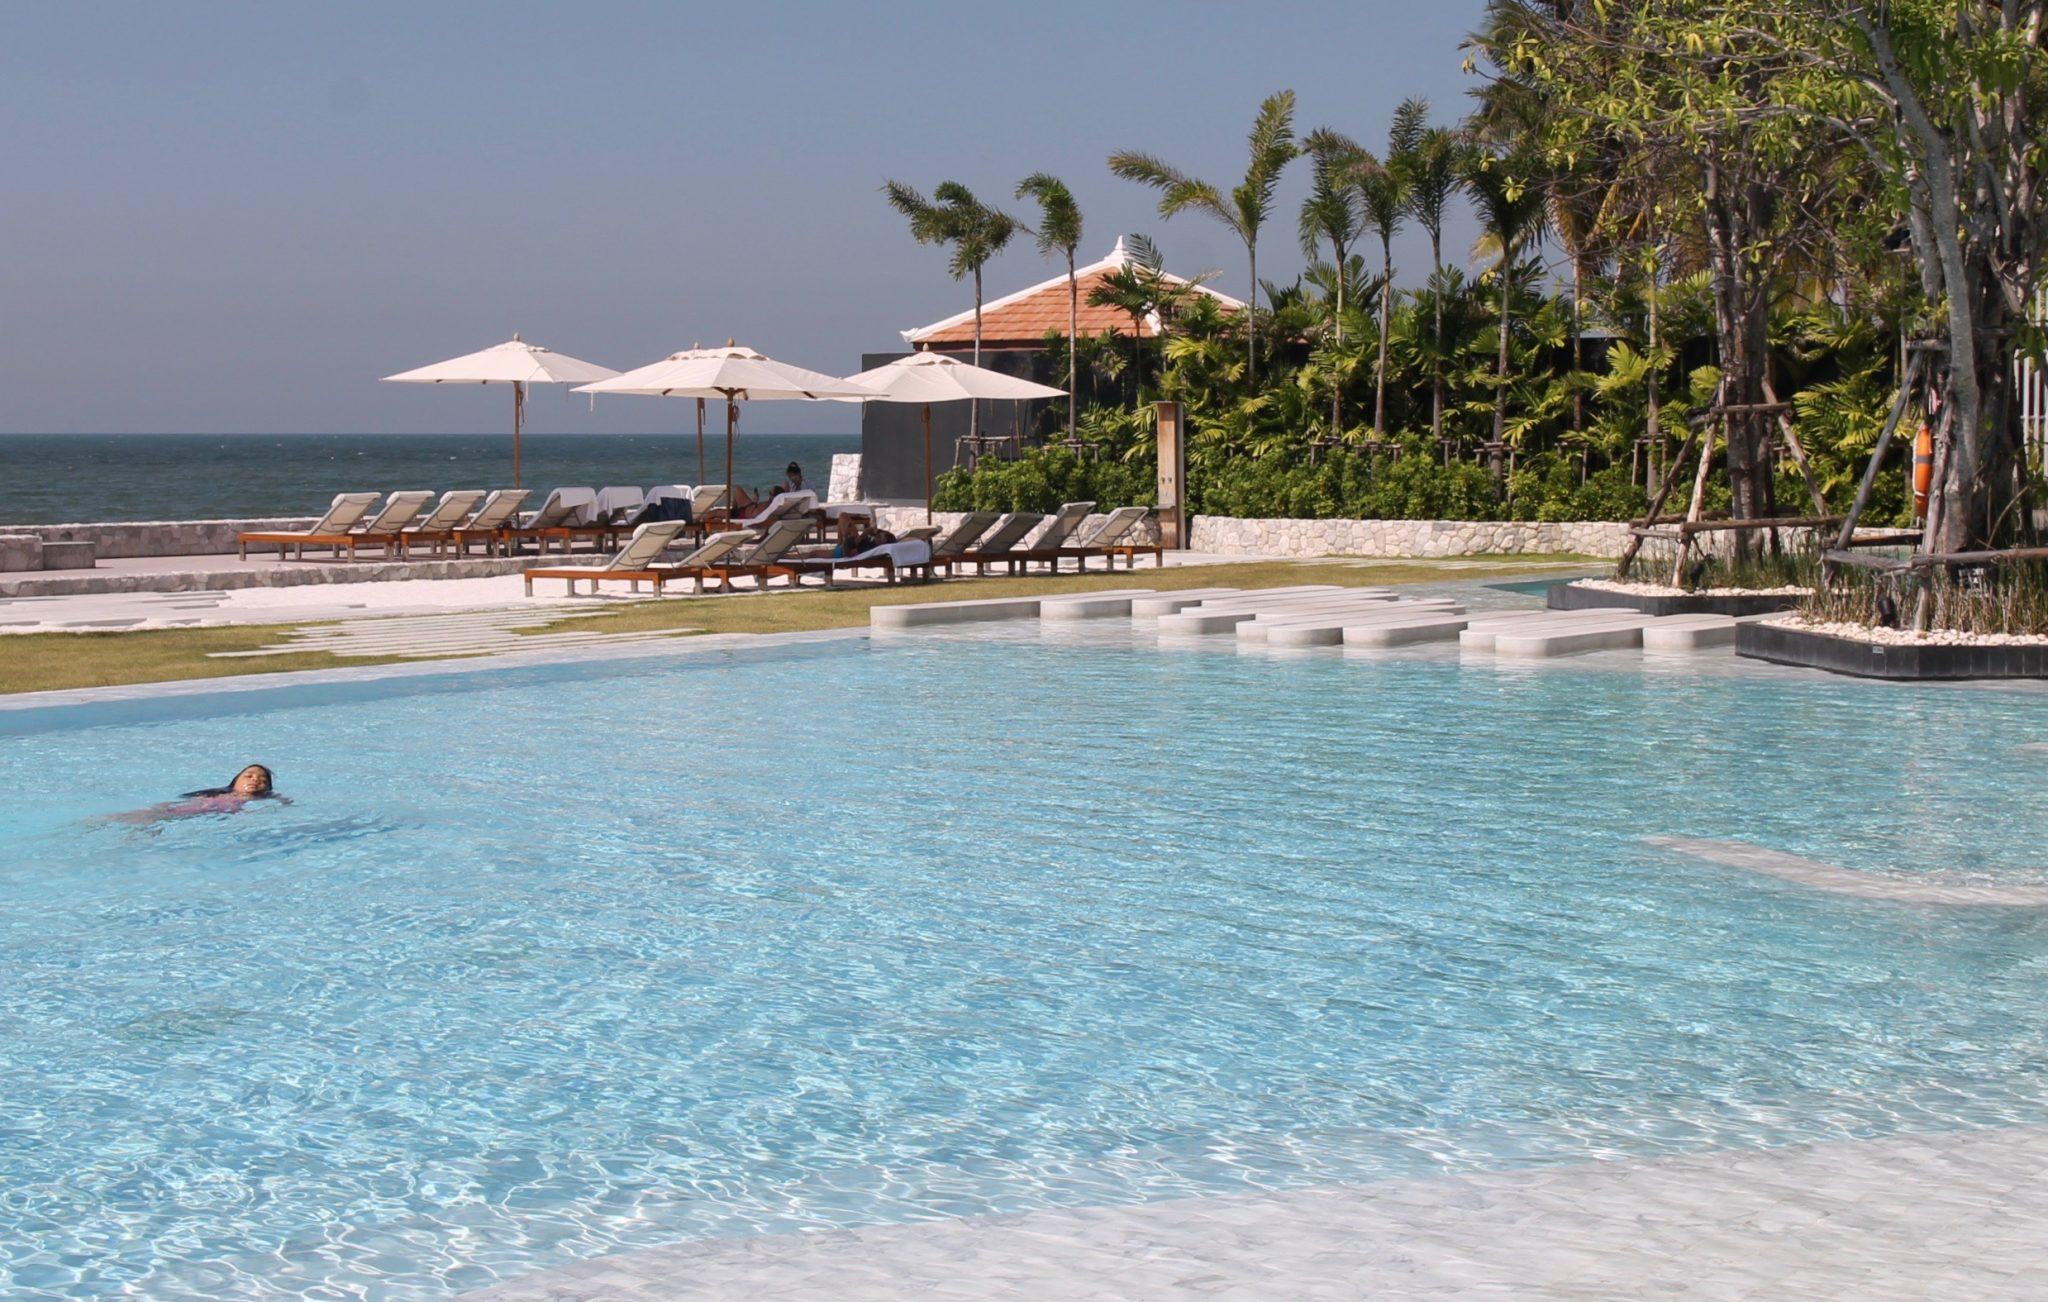 Veranda Pattaya uima-allas